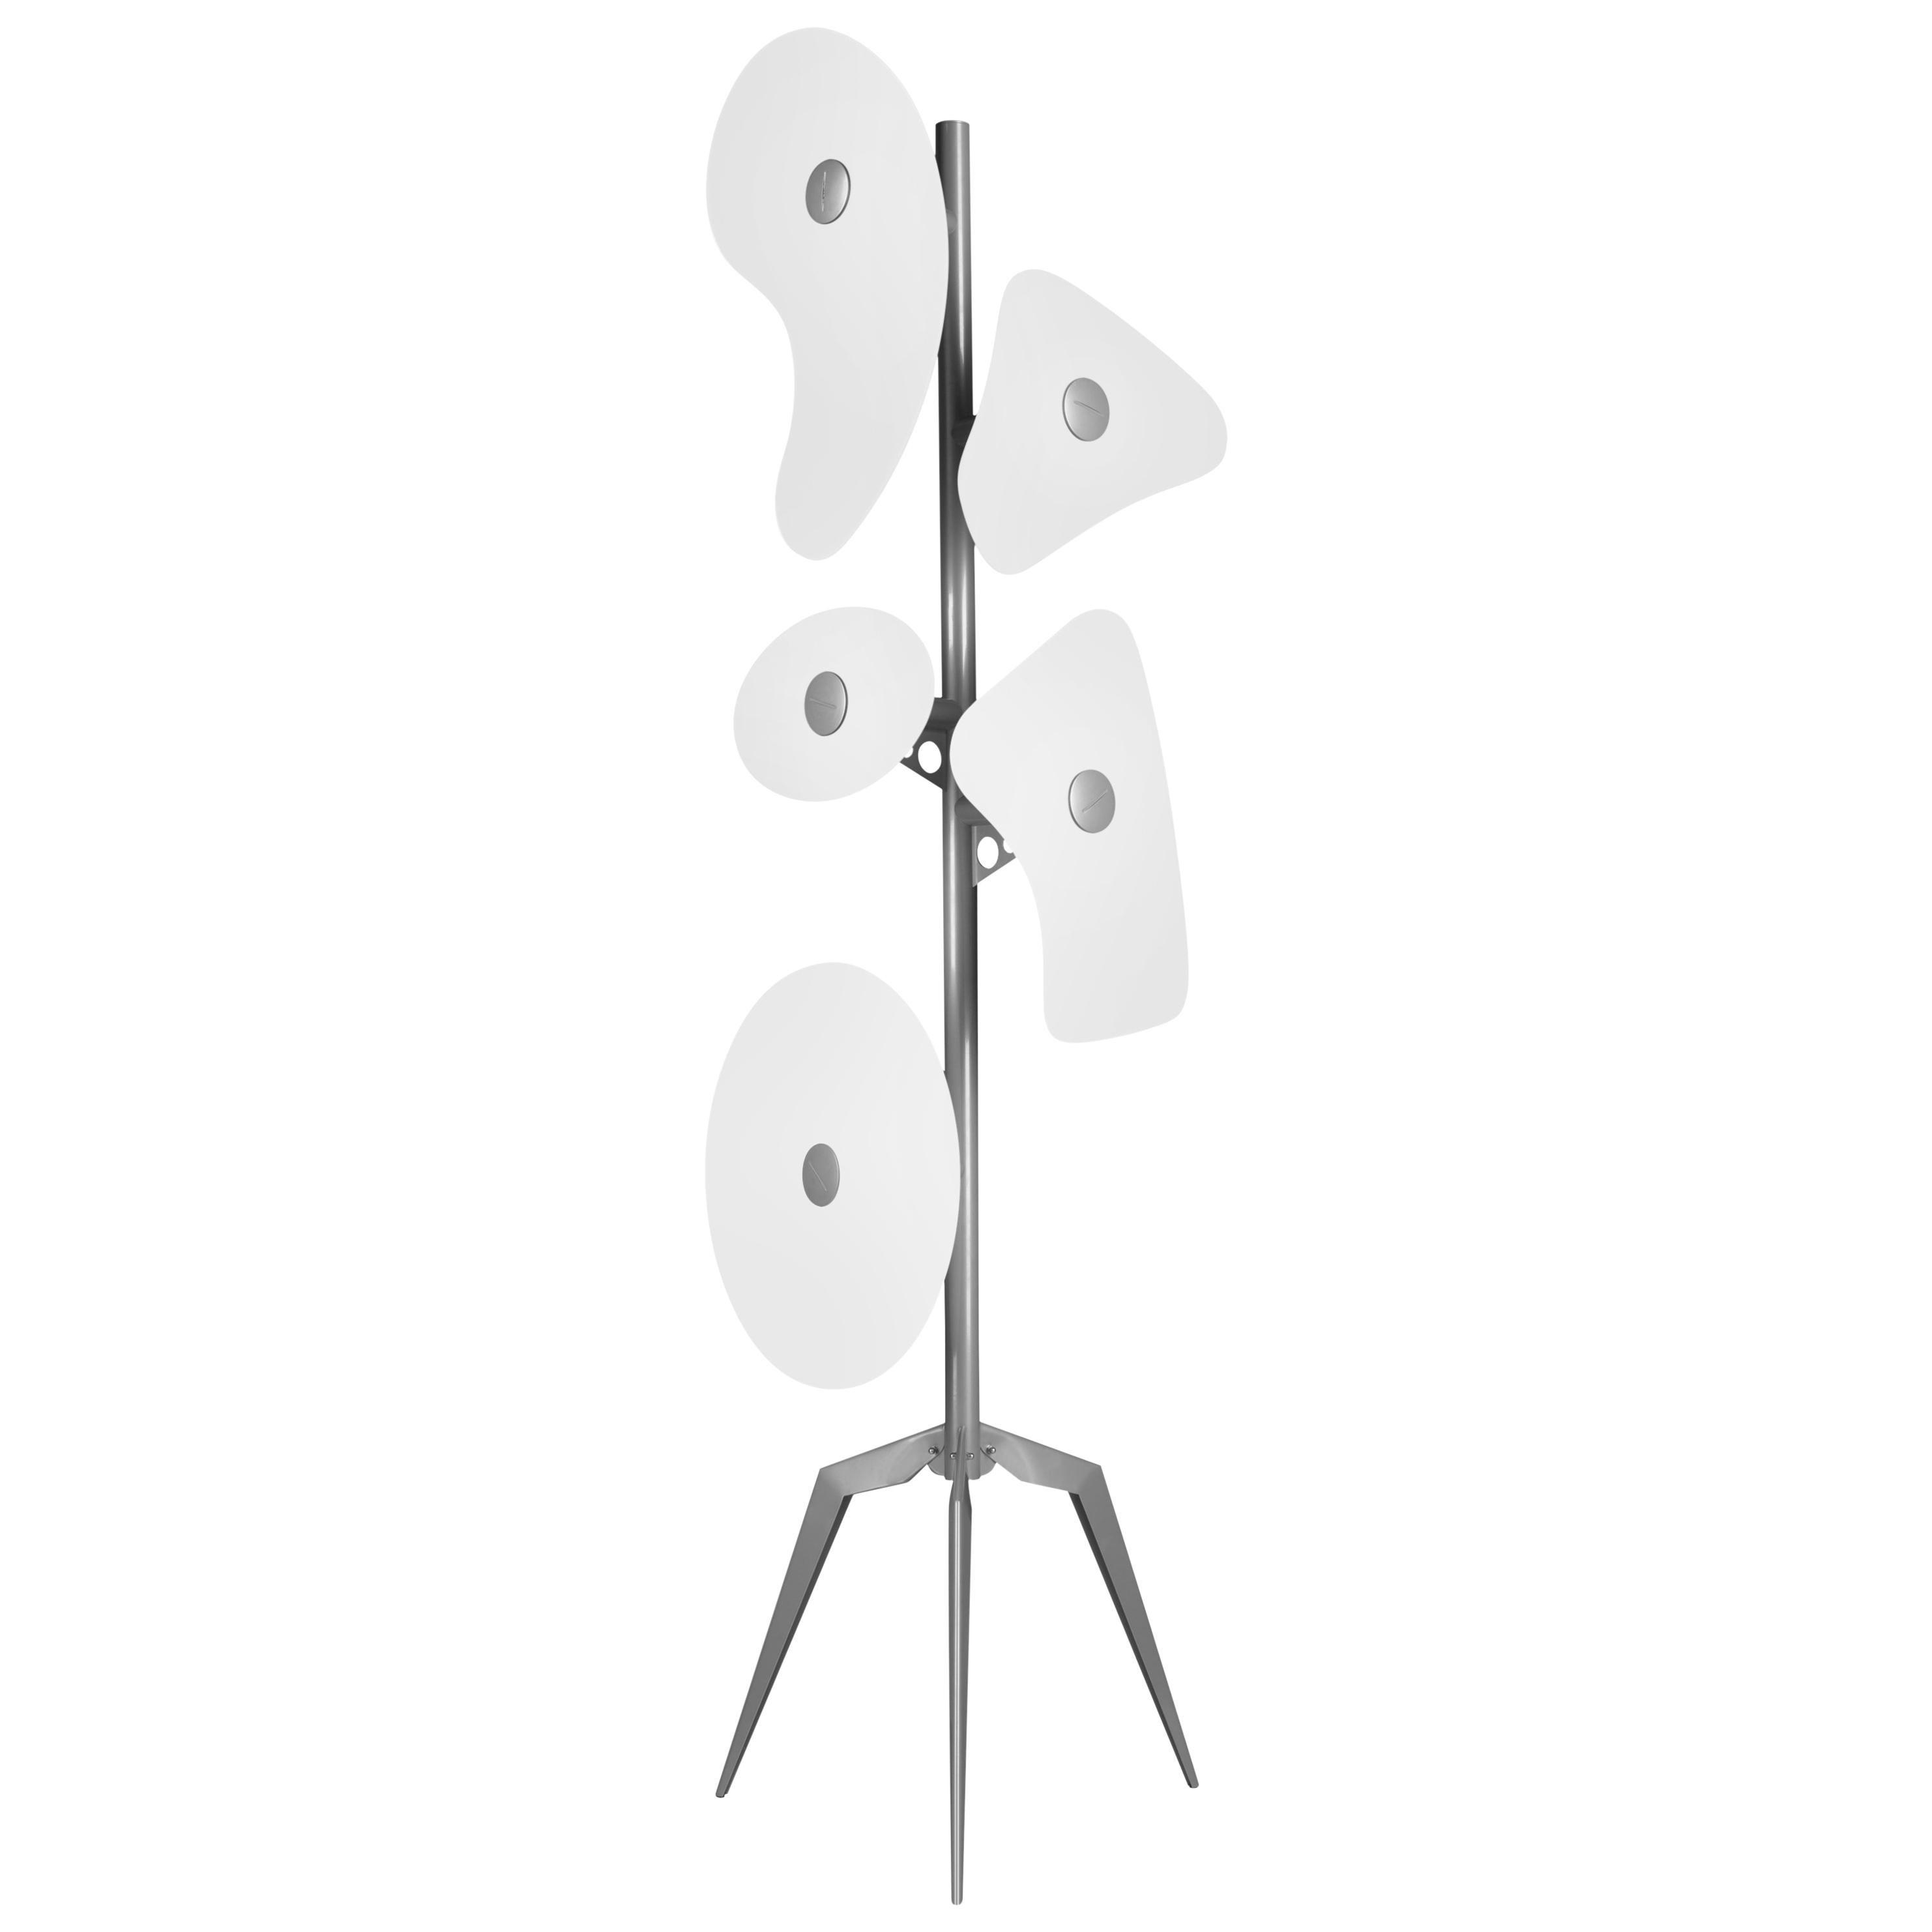 Foscarini Orbital Floor Lamp in White by Ferruccio Laviani